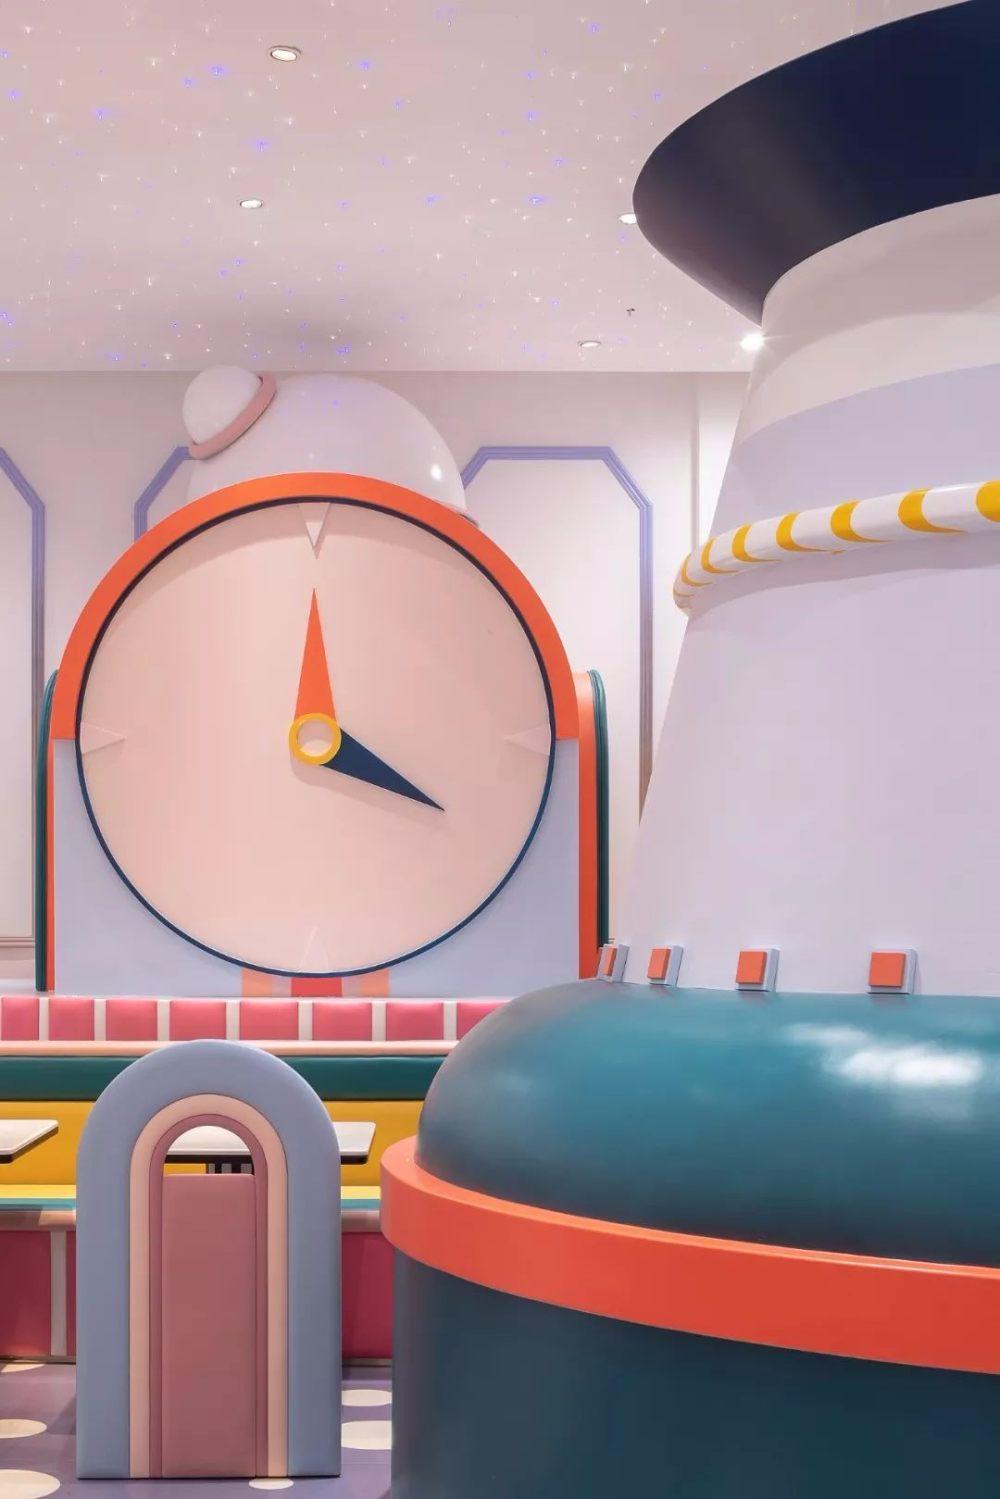 【唯想国际】3100㎡ | 超级童话的秘境星球MELAND CLUB | 86P_【唯想国际】3100㎡超级童话的秘境星球MELANDCLUB81.jpg